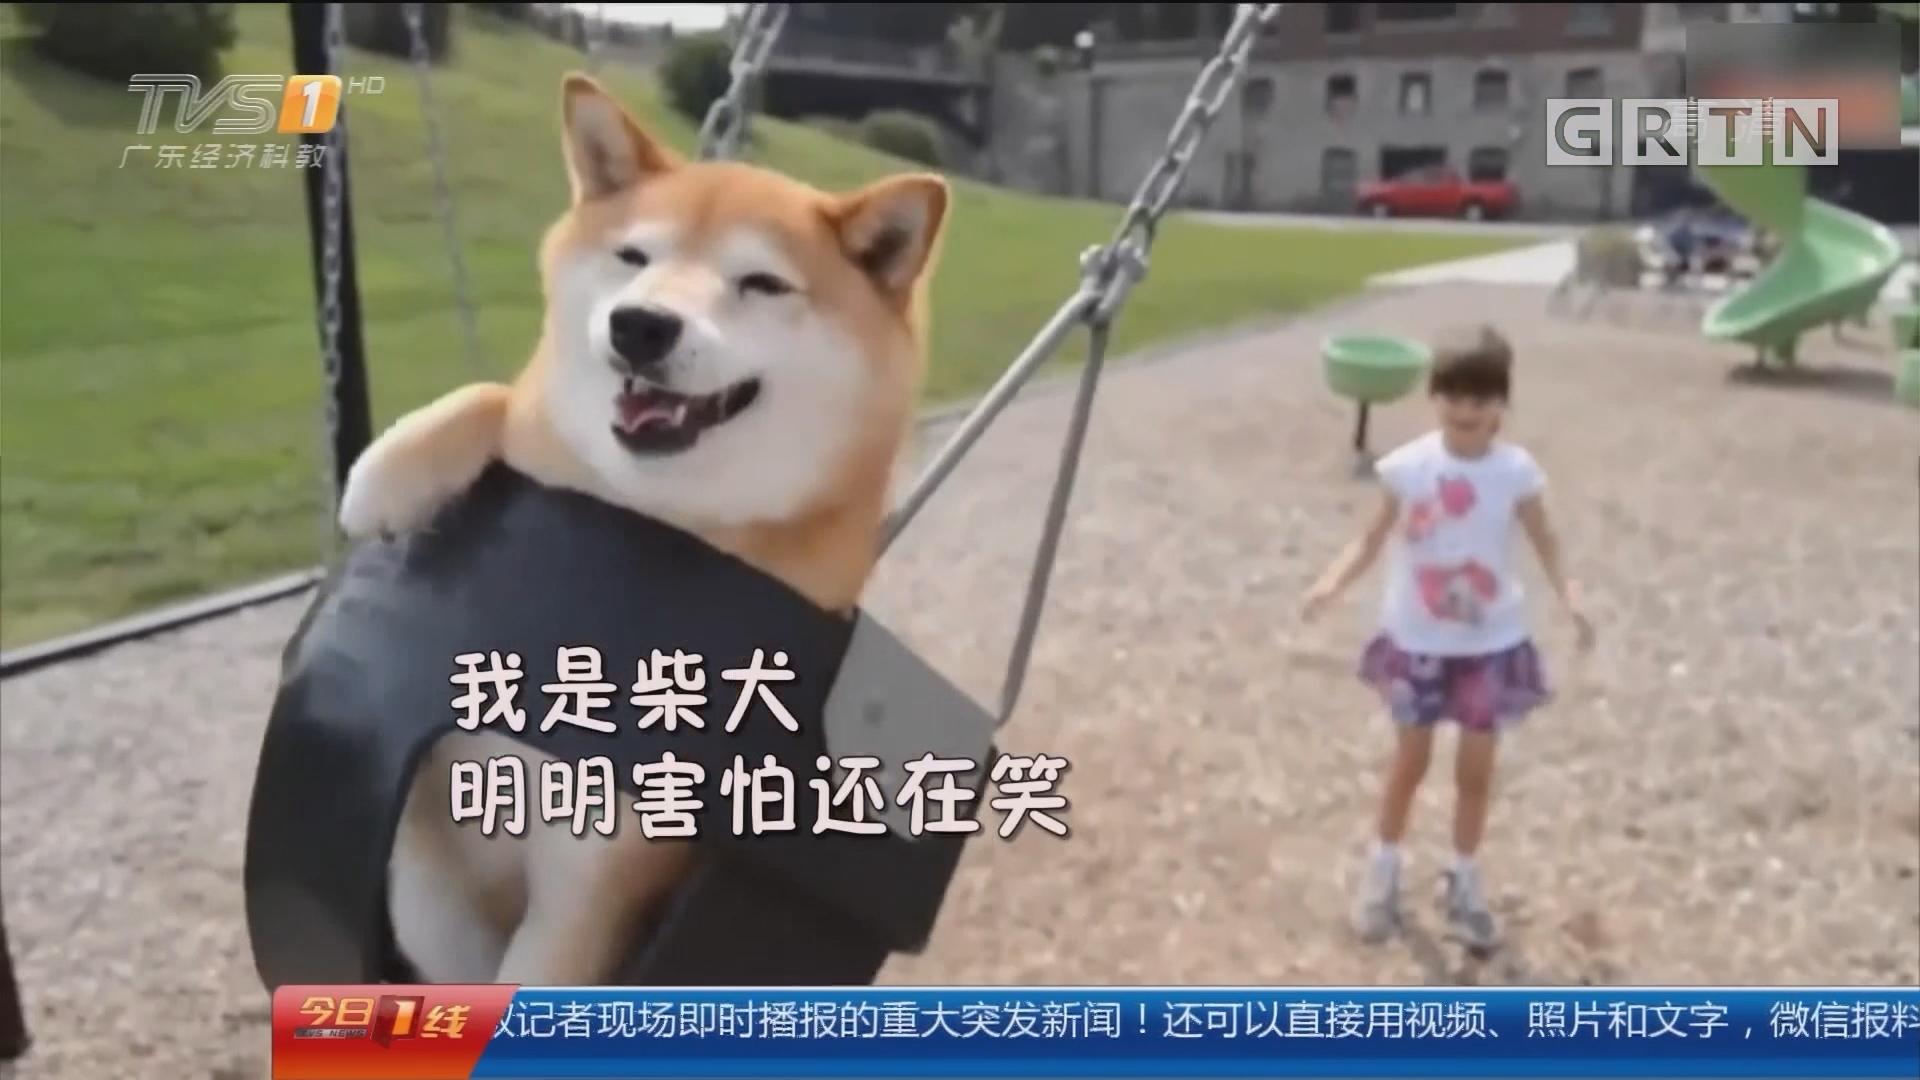 狗狗惹人爱 好玩